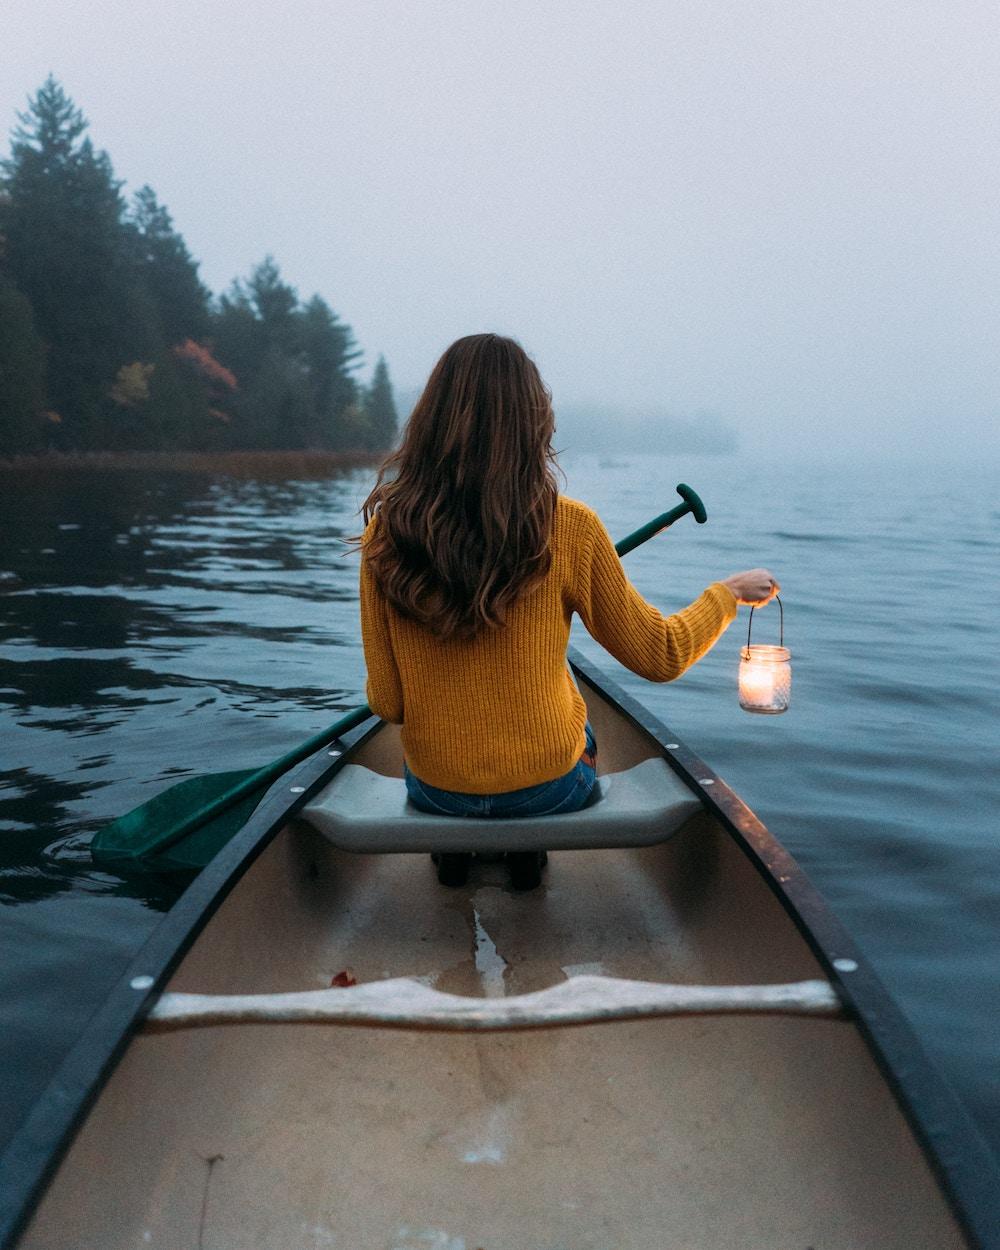 Femme assise sur un bateau, naviguant sur l'eau, lanterne à la main.